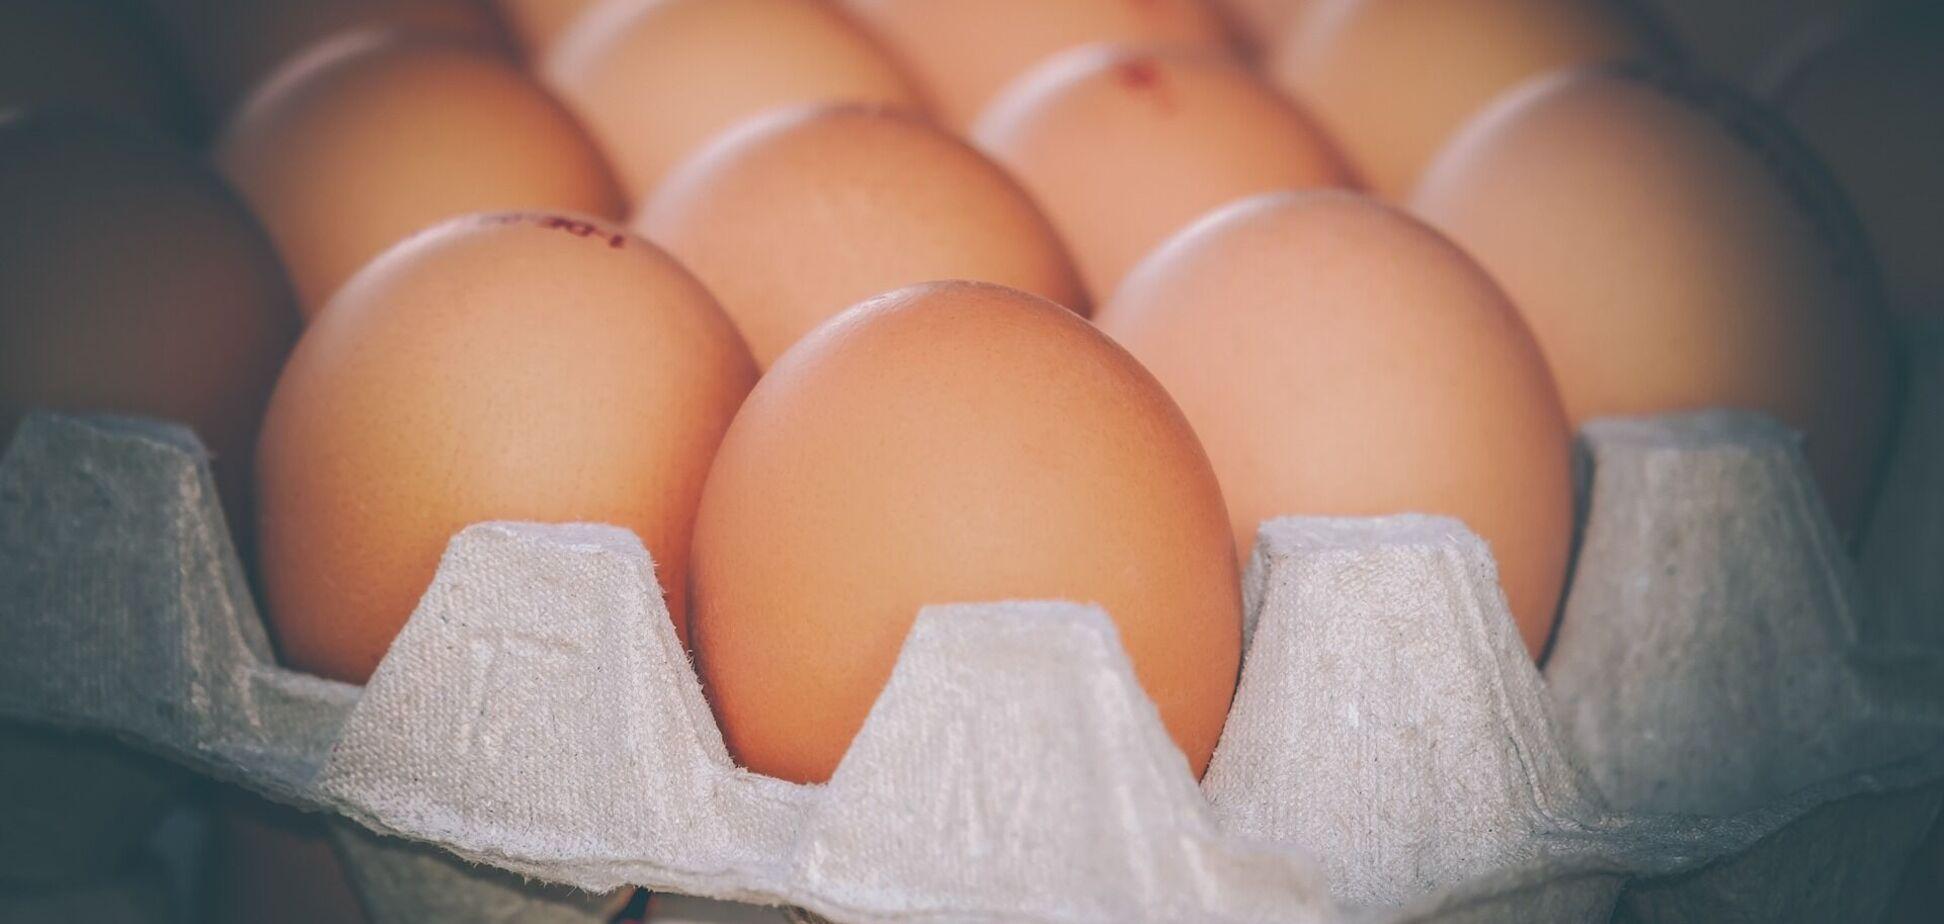 В Украине яйца могут взлететь в цене почти вдвое: когда и сколько заплатим